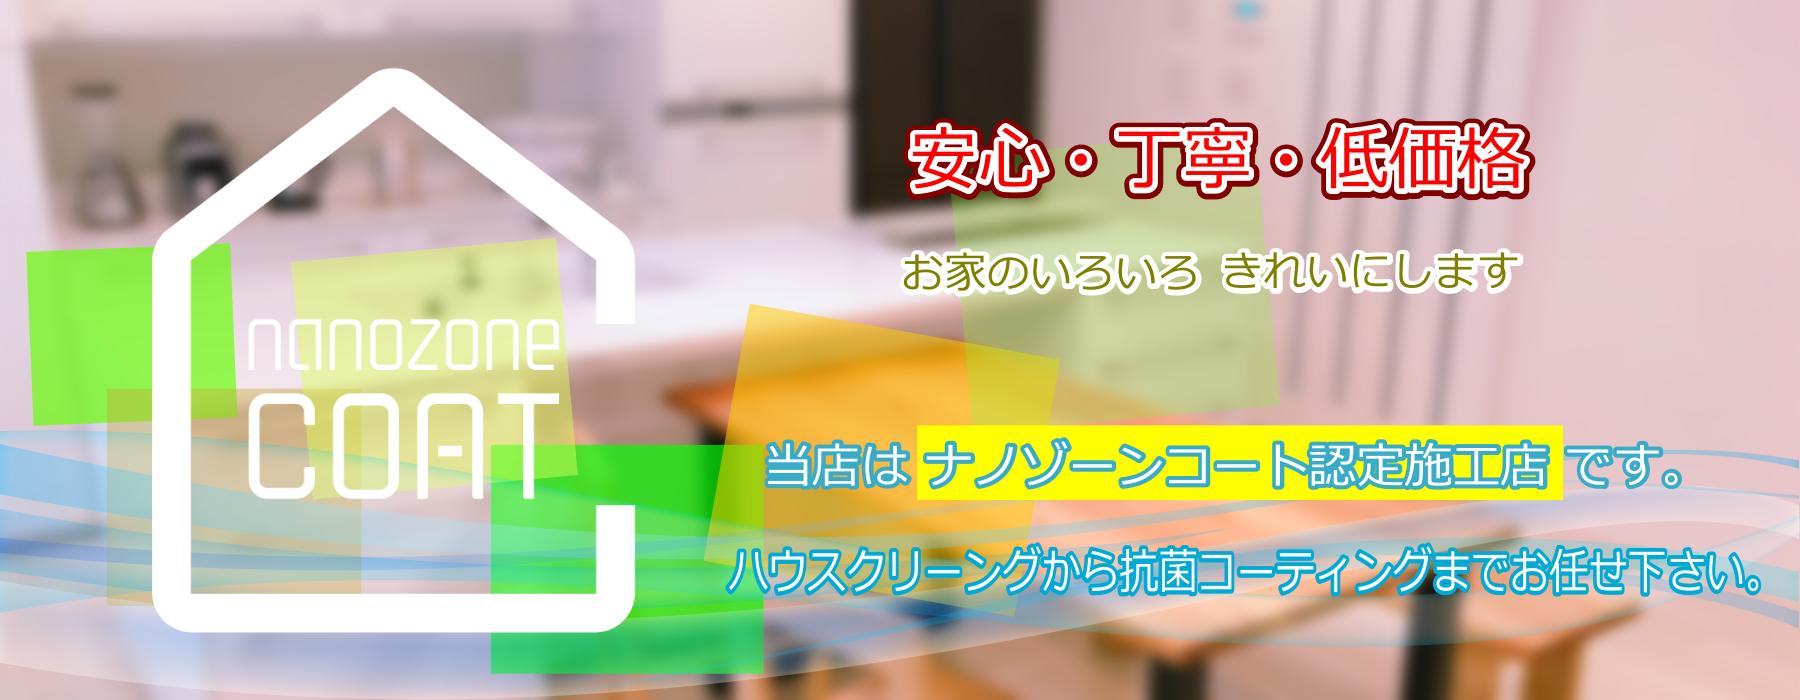 安心・丁寧・低価格ケイズクリーンサービス